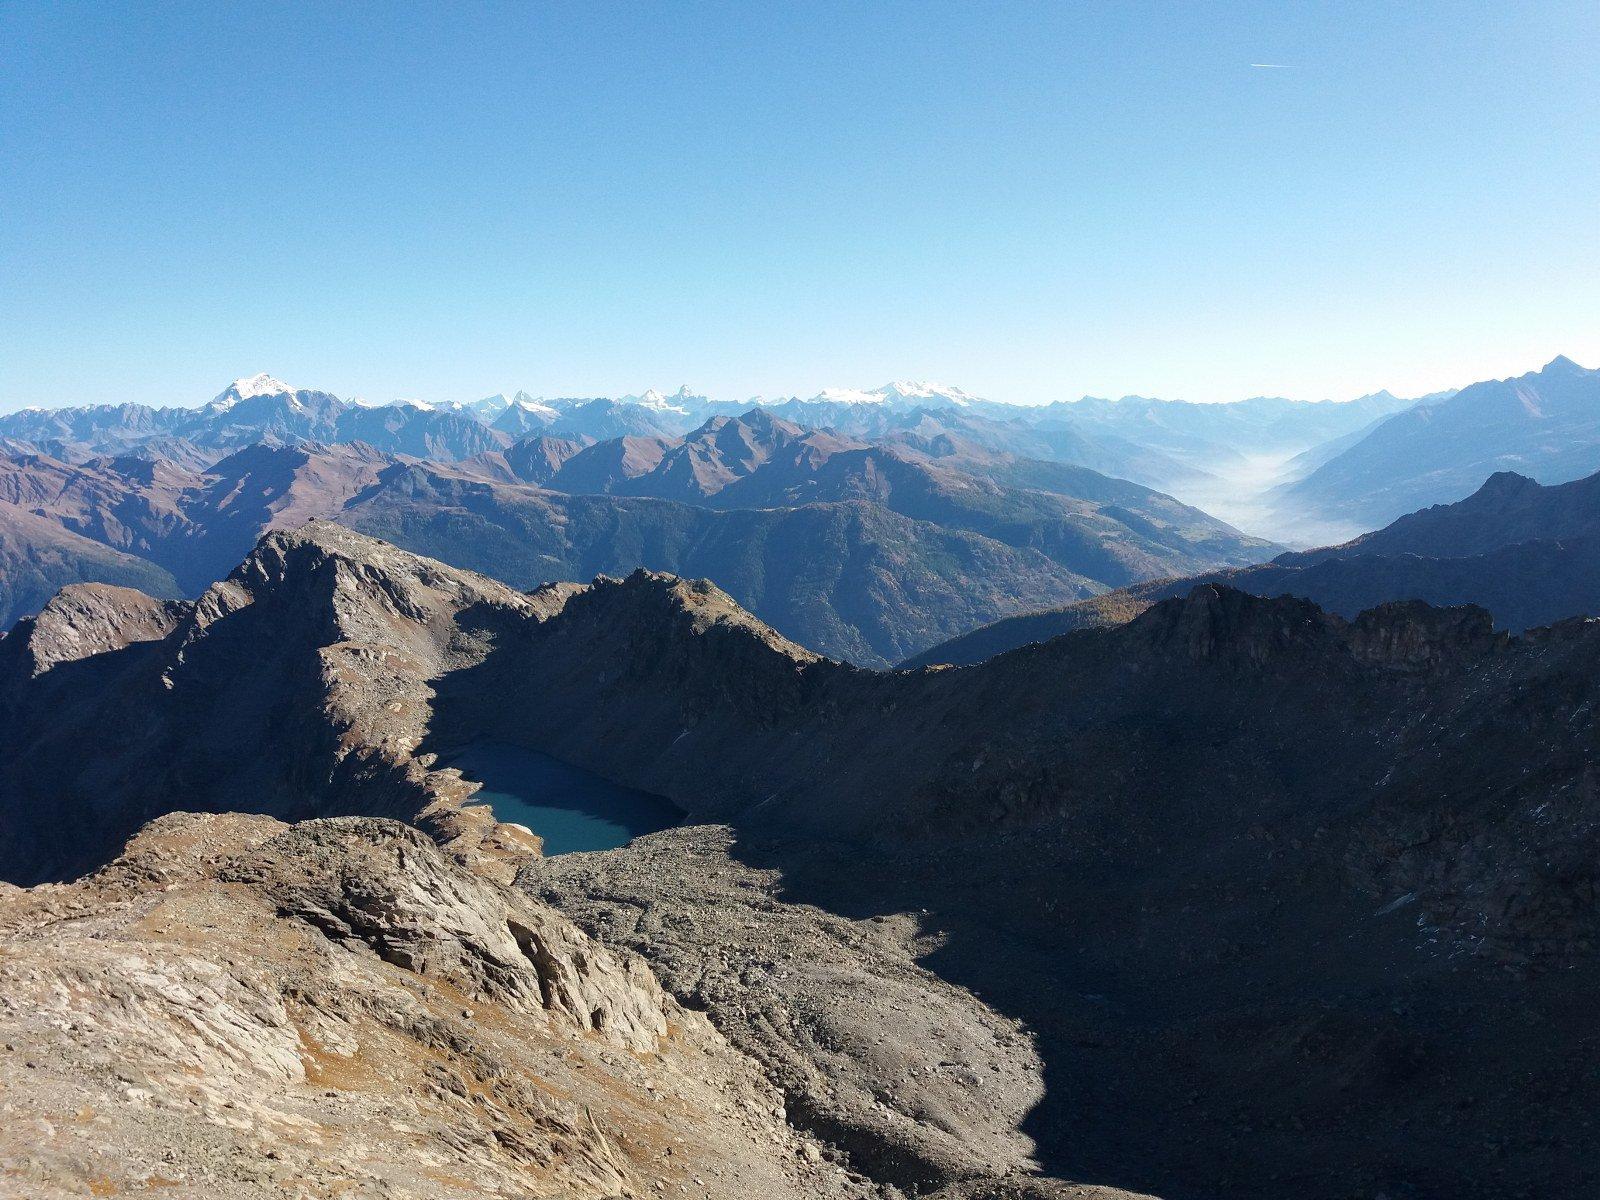 Dalla cima vista sul lago di Pietra Rossa, Gr.Combin, Cervino e Rosa